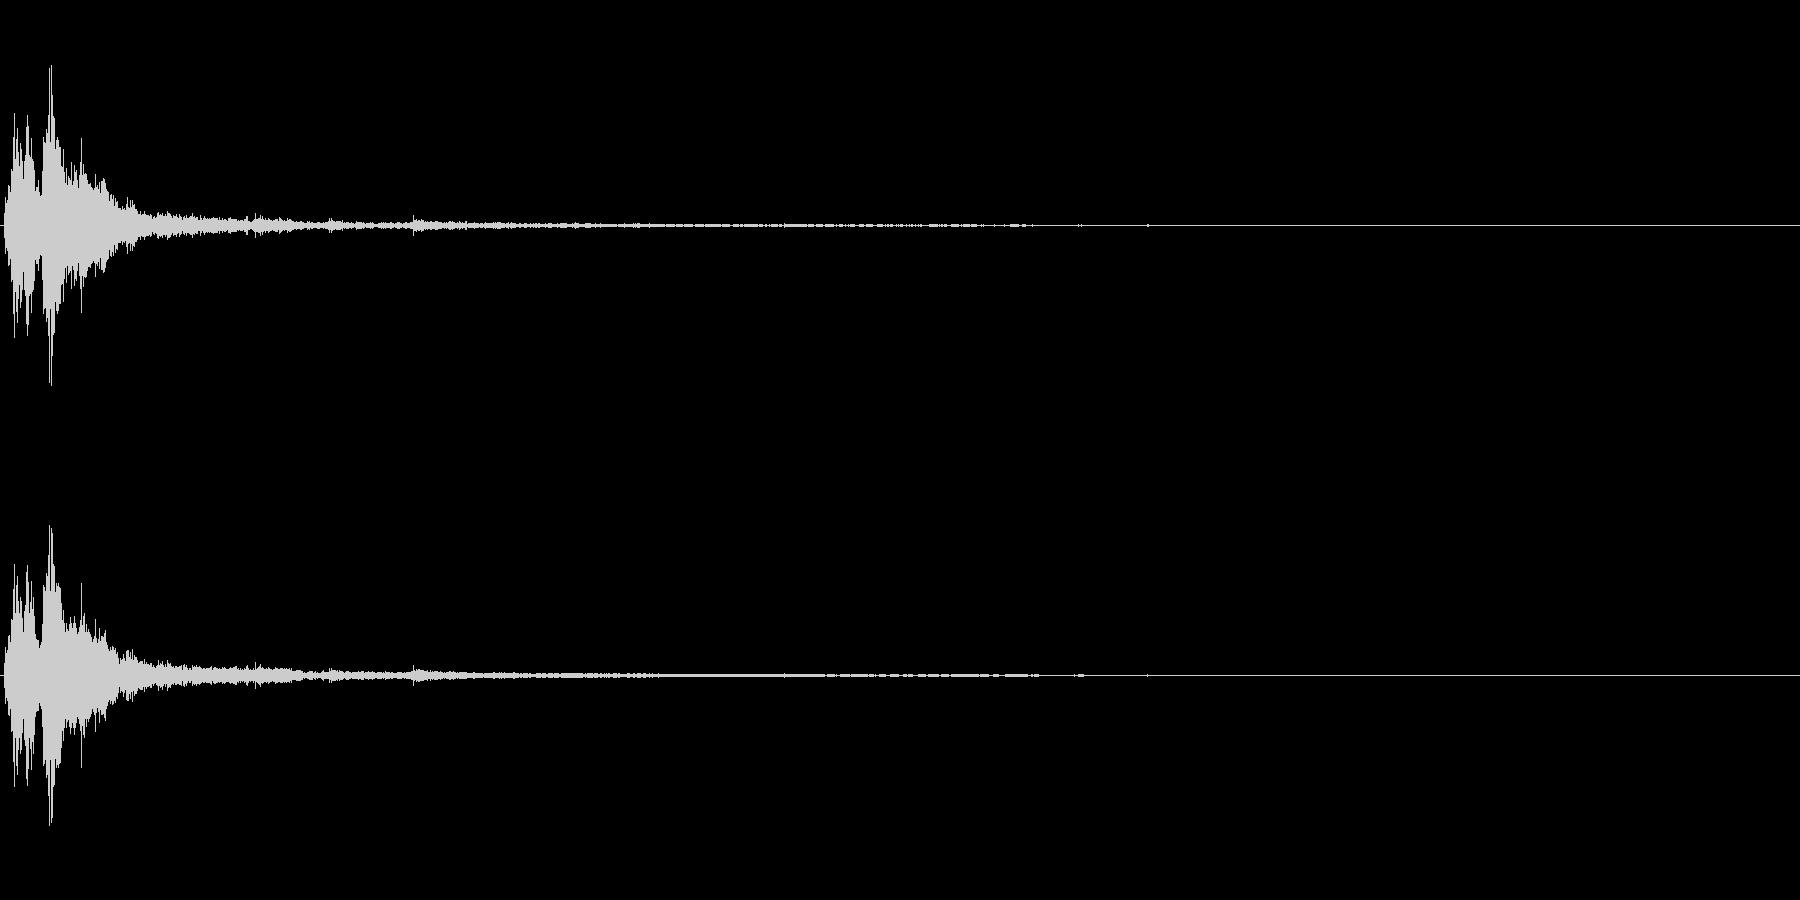 「シャリーン」ツリーベルのリバーブ入りの未再生の波形